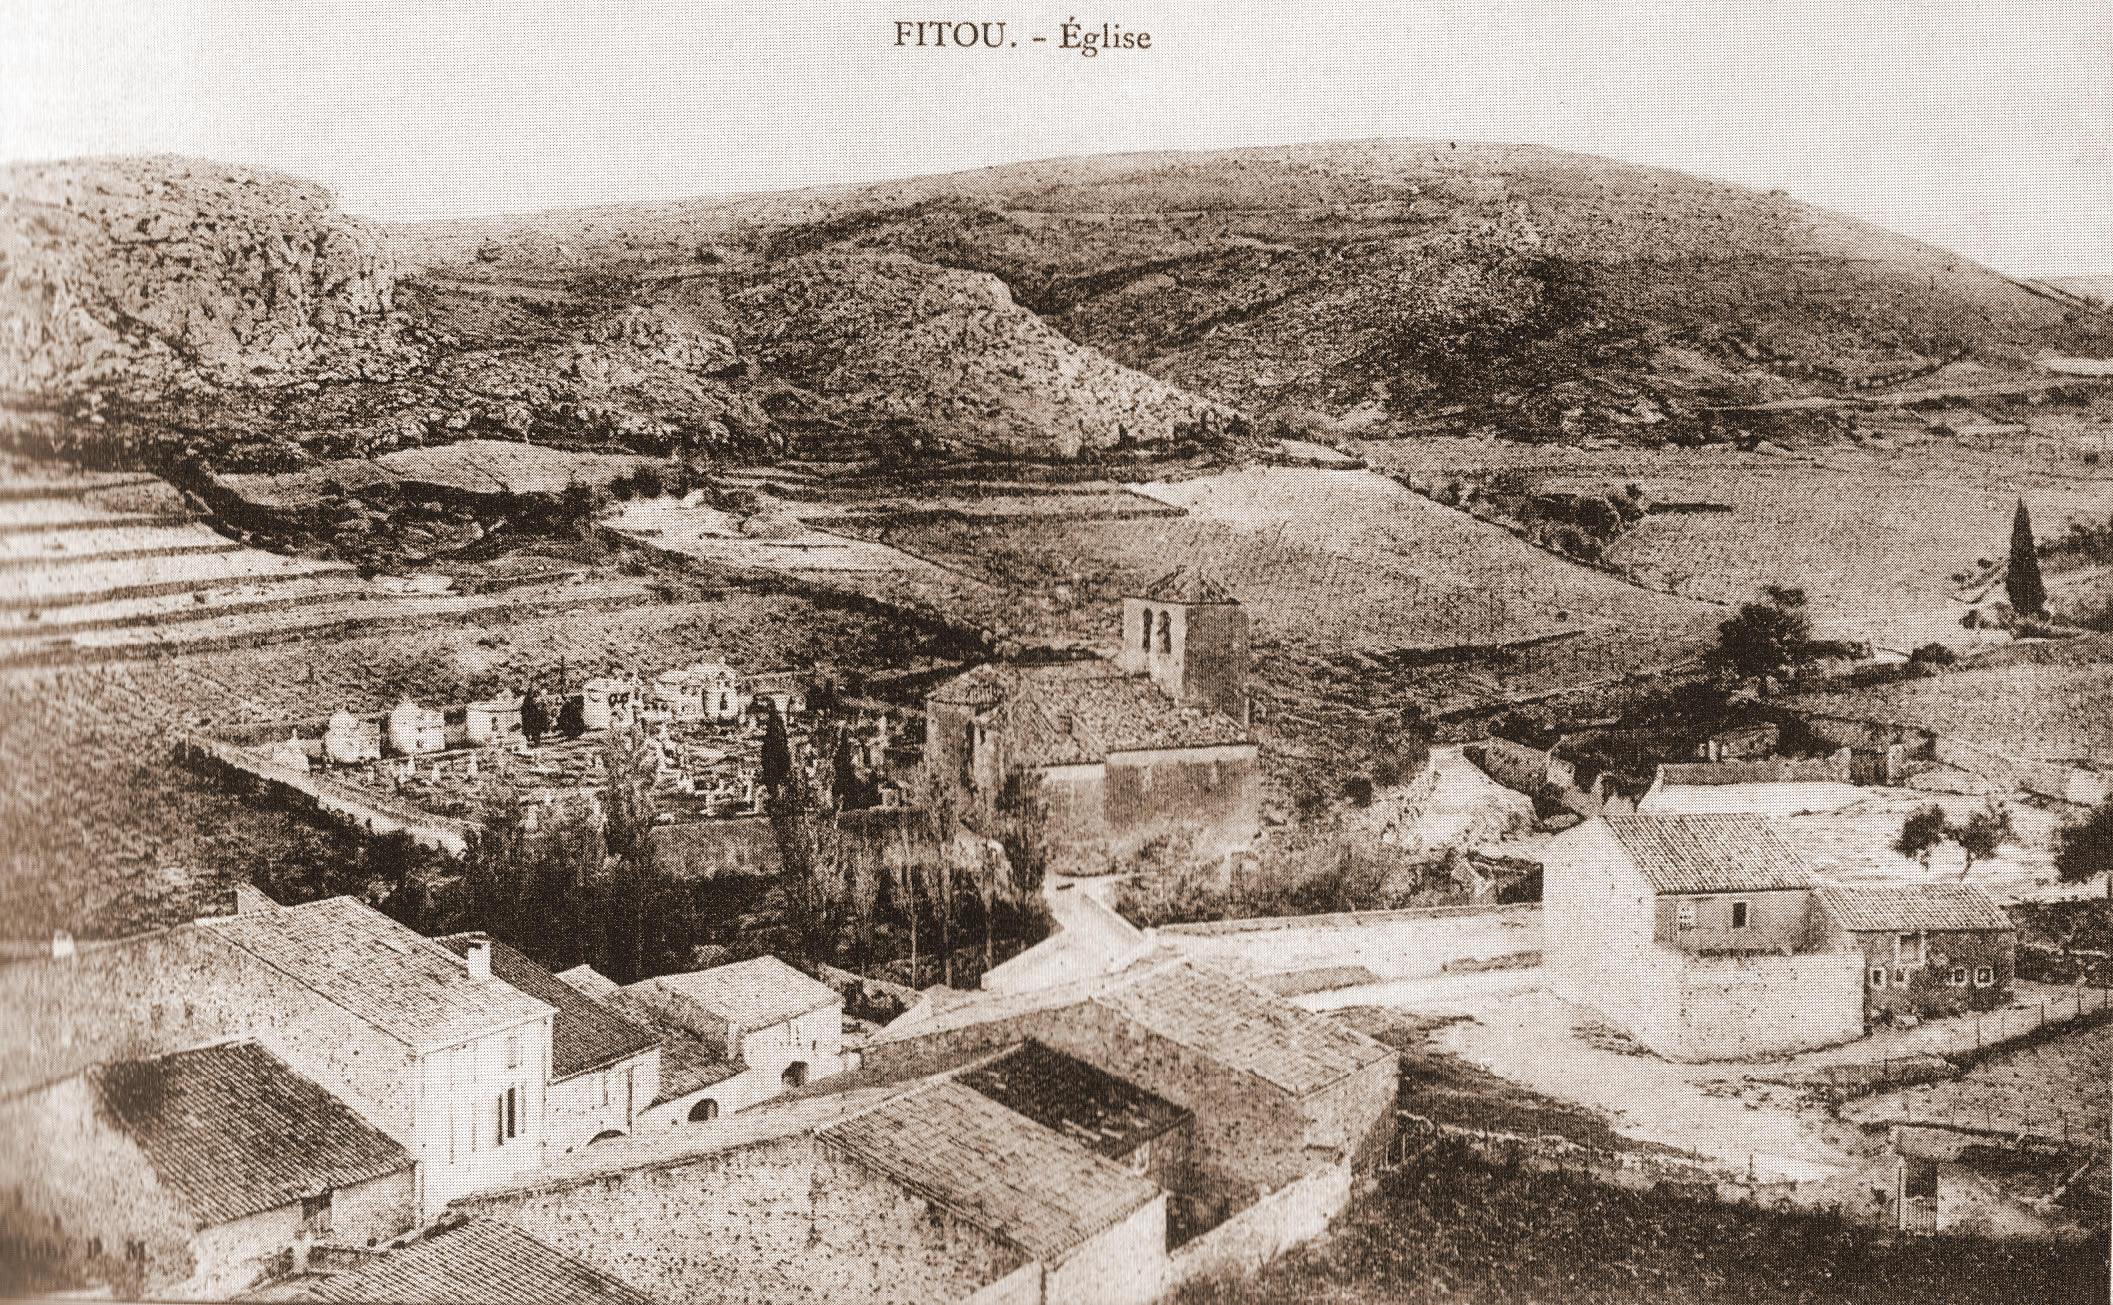 Eglise001